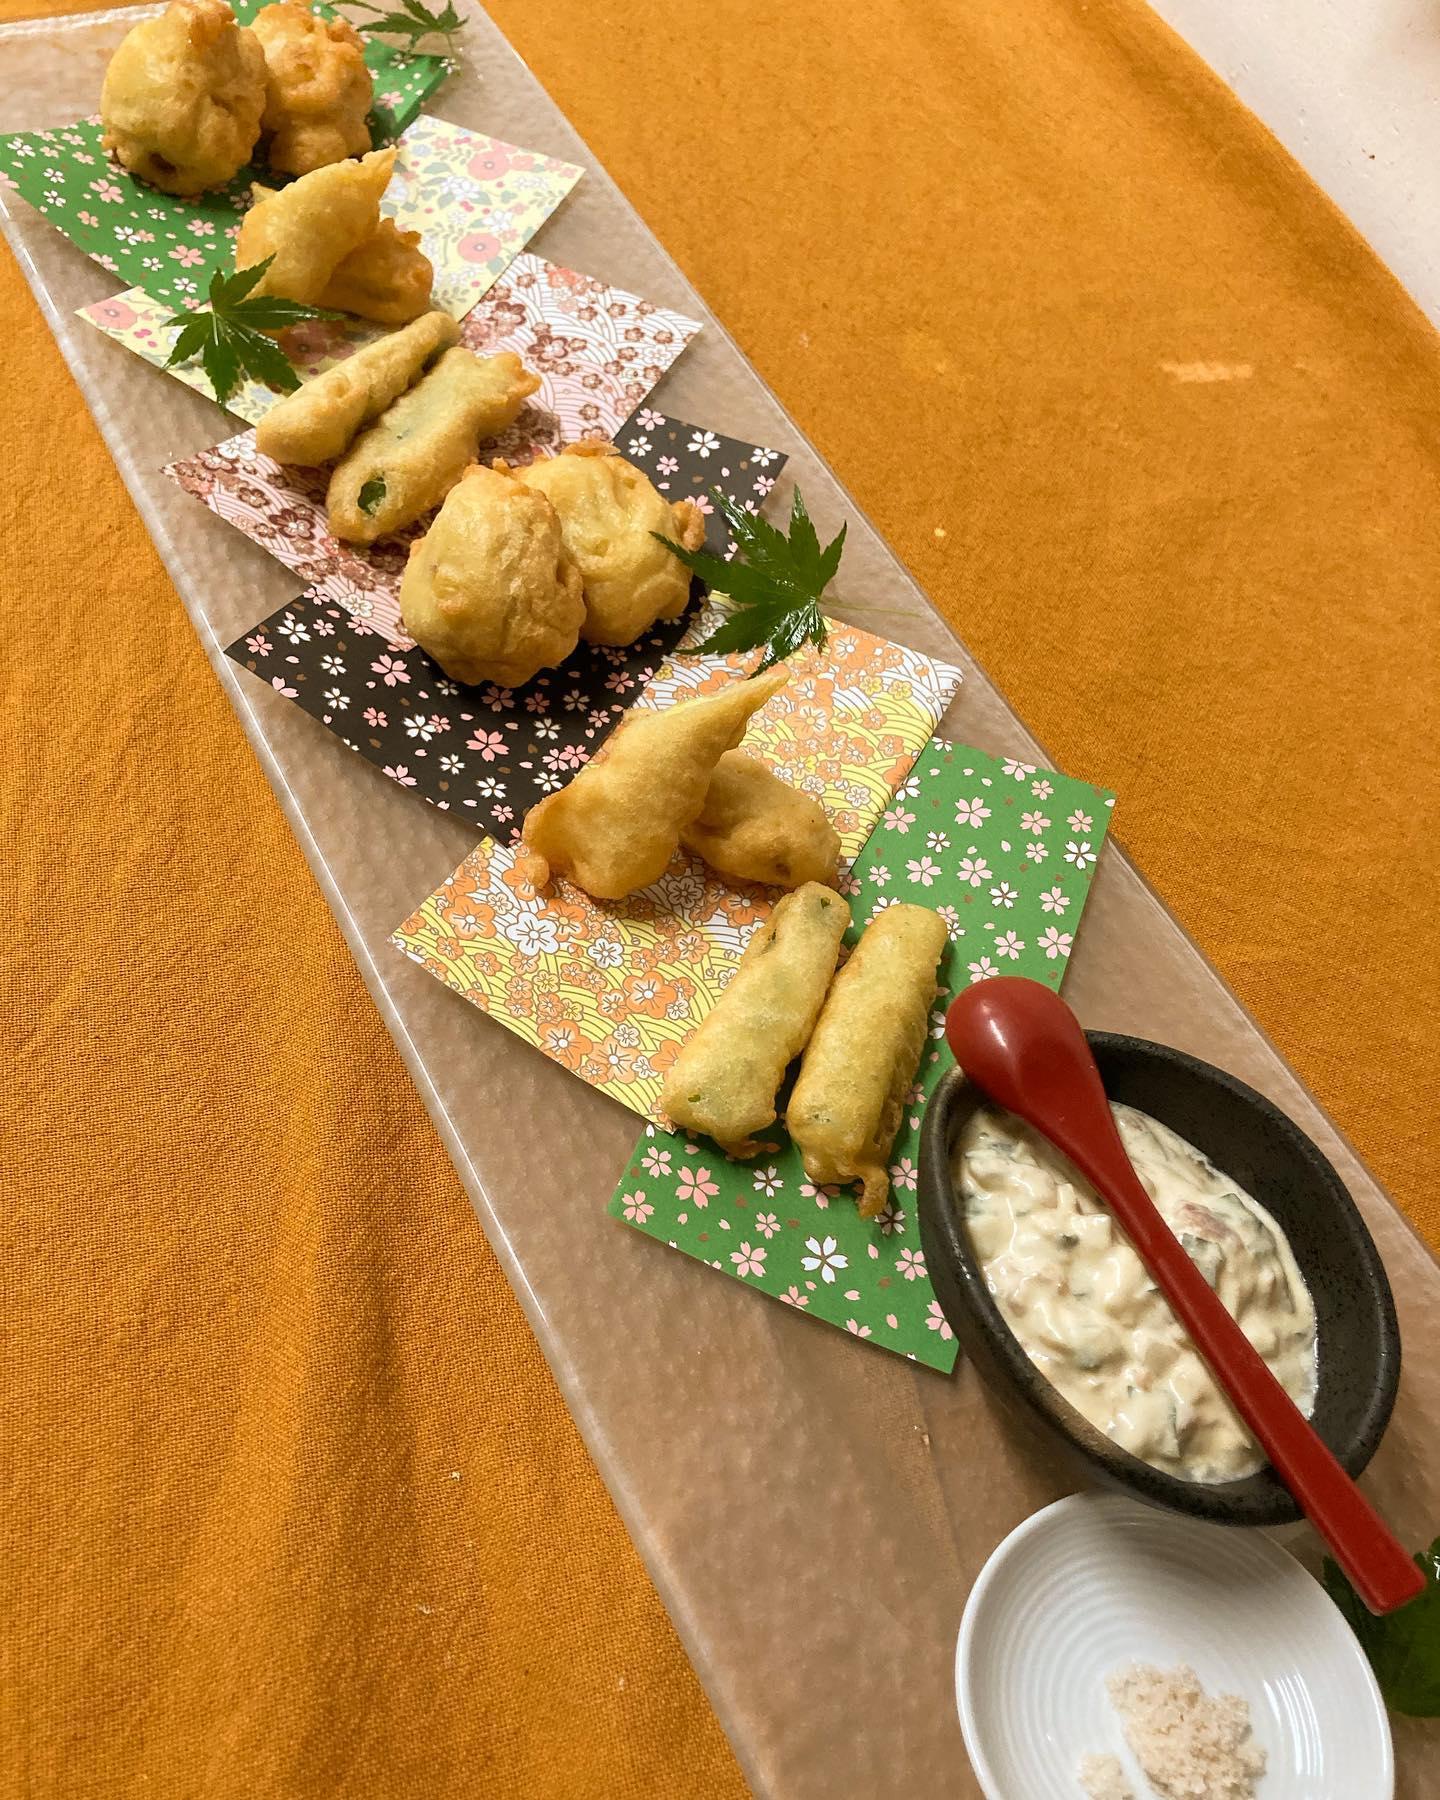 【おはしどころ菜でしこ】 〜特製天ぷら盛り合わせ〜   ・海老しんじょう ・ヤングコーン ・アスパラ     当店の天ぷらはいわゆる天ぷらとは ちょっと違った感じ️   サクサク食感ではなく、 ふっくらしっとり   たくわんを使った梅タルタルで 食感を出してます       ※お酒のご提供はご家族もしくは、  4名様以内のグループの方のみとなります。  ※ラストオーダー 20:00  閉店時間    21:00  【埼玉県本庄駅徒歩30秒】 【17:00〜21:00】 【お昼の和食コース有り🥢】  【インスタのメッセージ問合せ】 【お店️0495-23-3058】 【携帯080-3455-4951】     